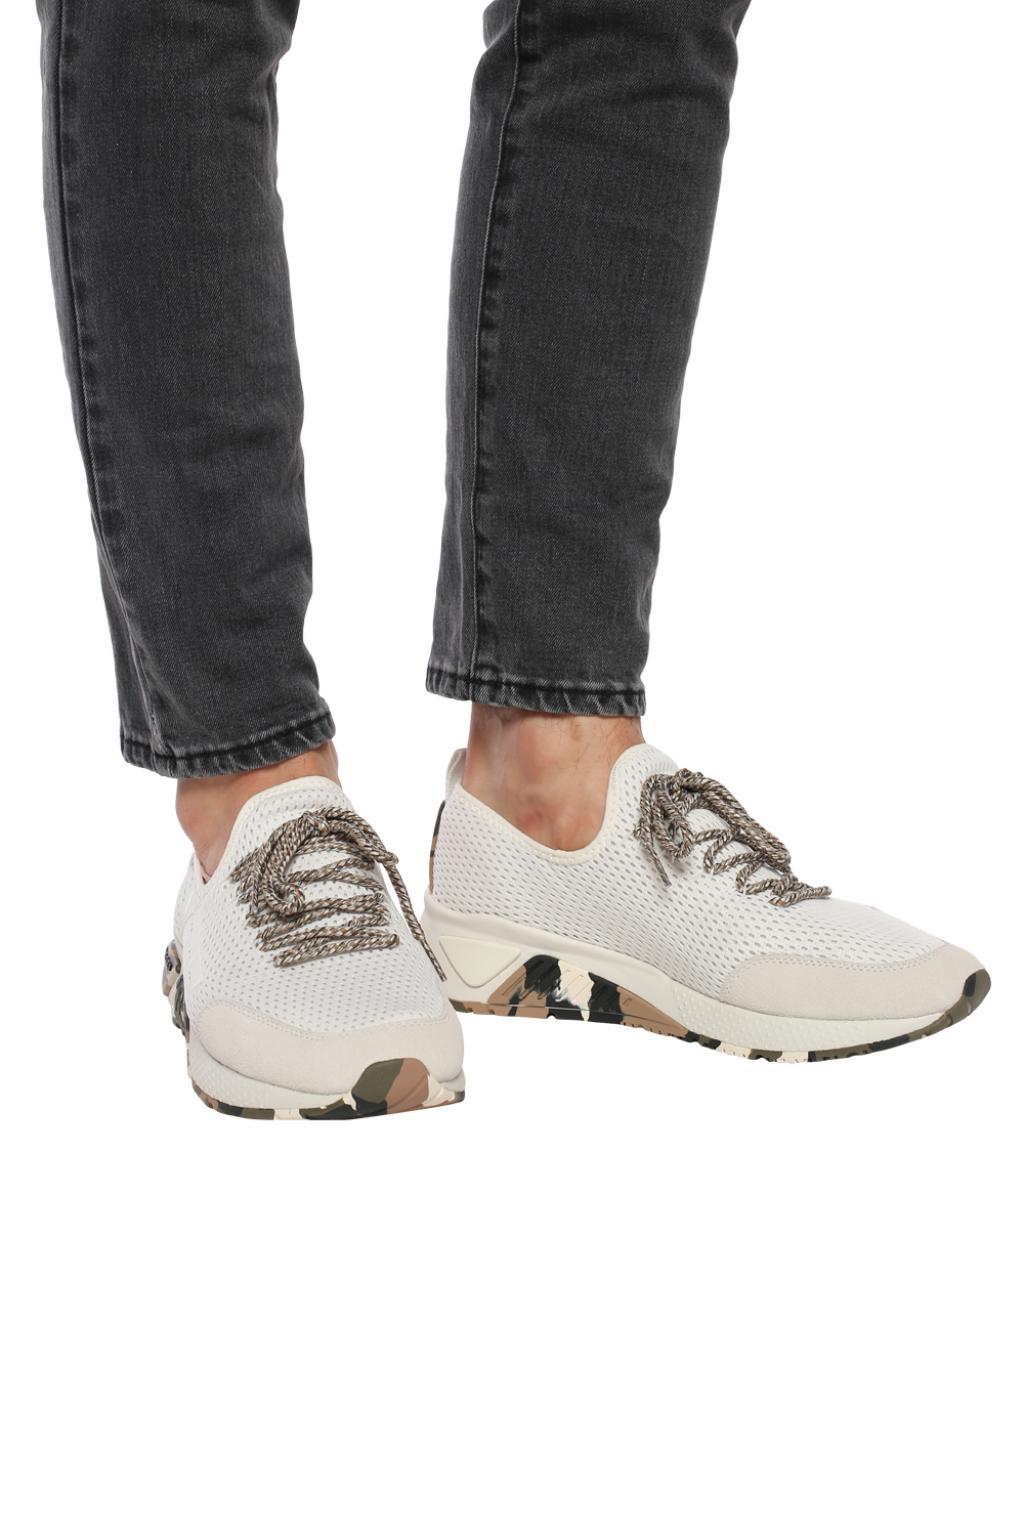 Diesel 'S-Kby' sneakers